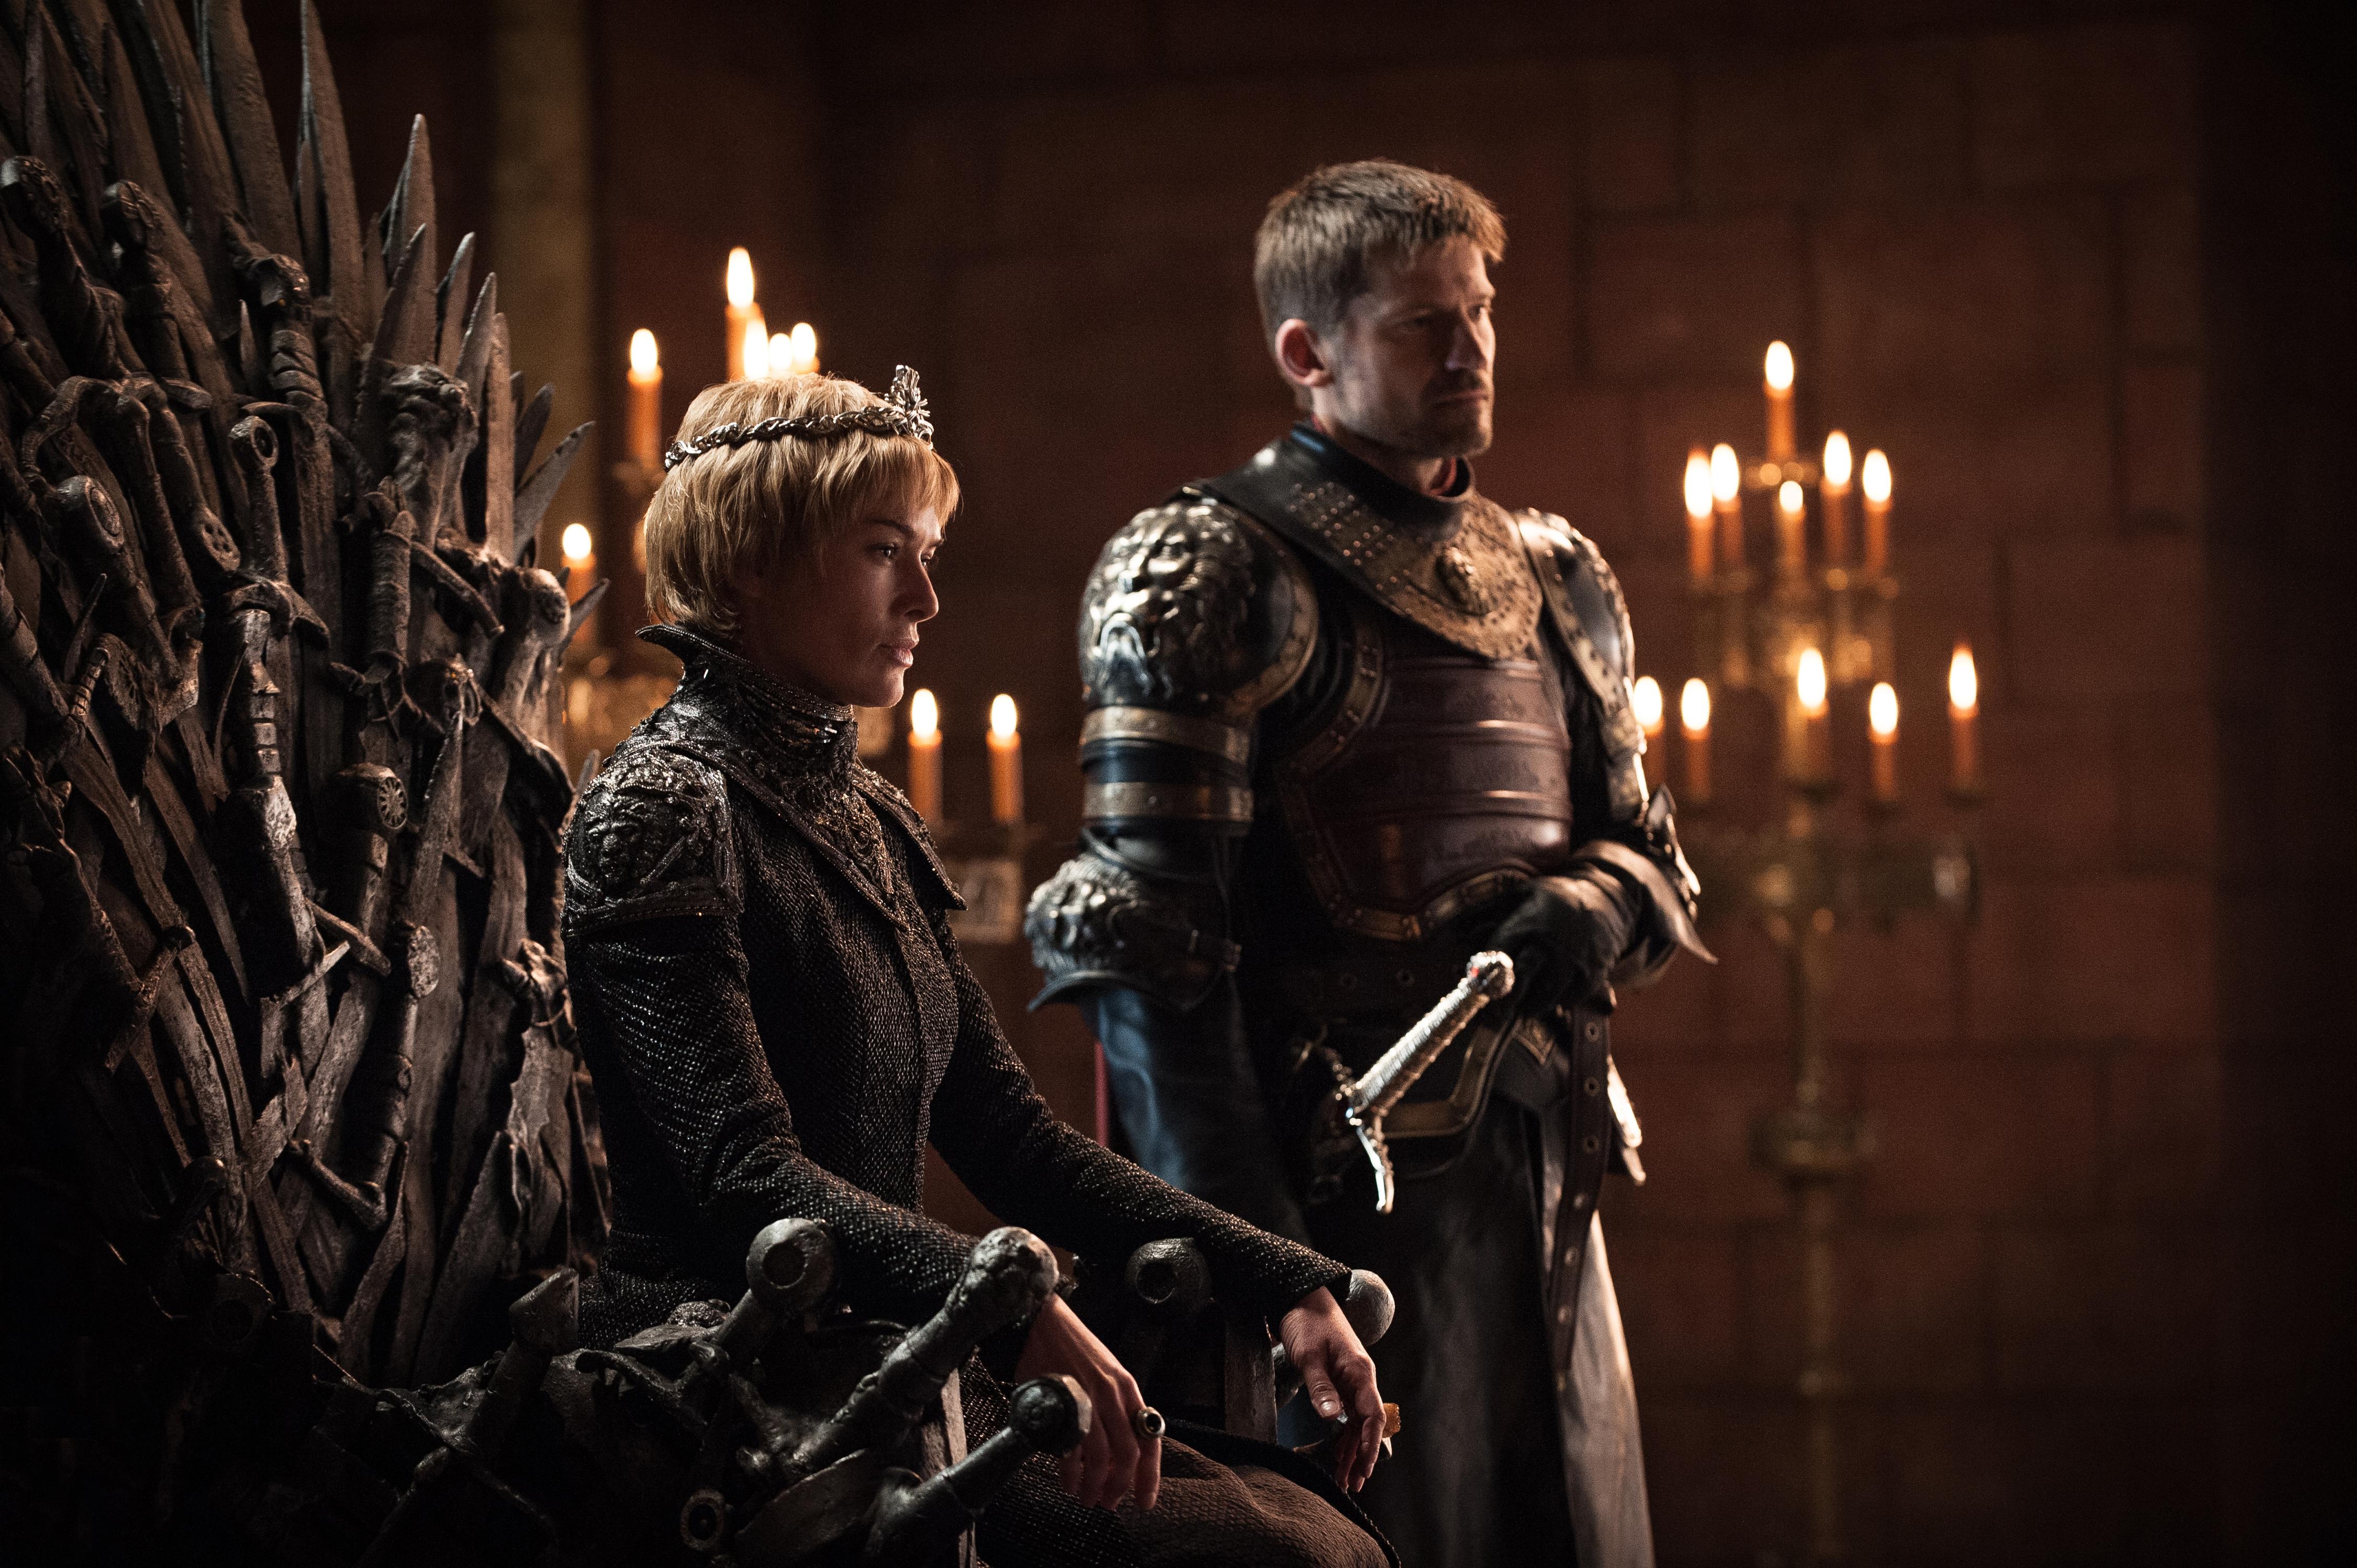 Lena Headey som Cersei Lannister och Nikolaj Coster-Waldau som Jaime Lannister. Foto: Helen Sloan/HBO.